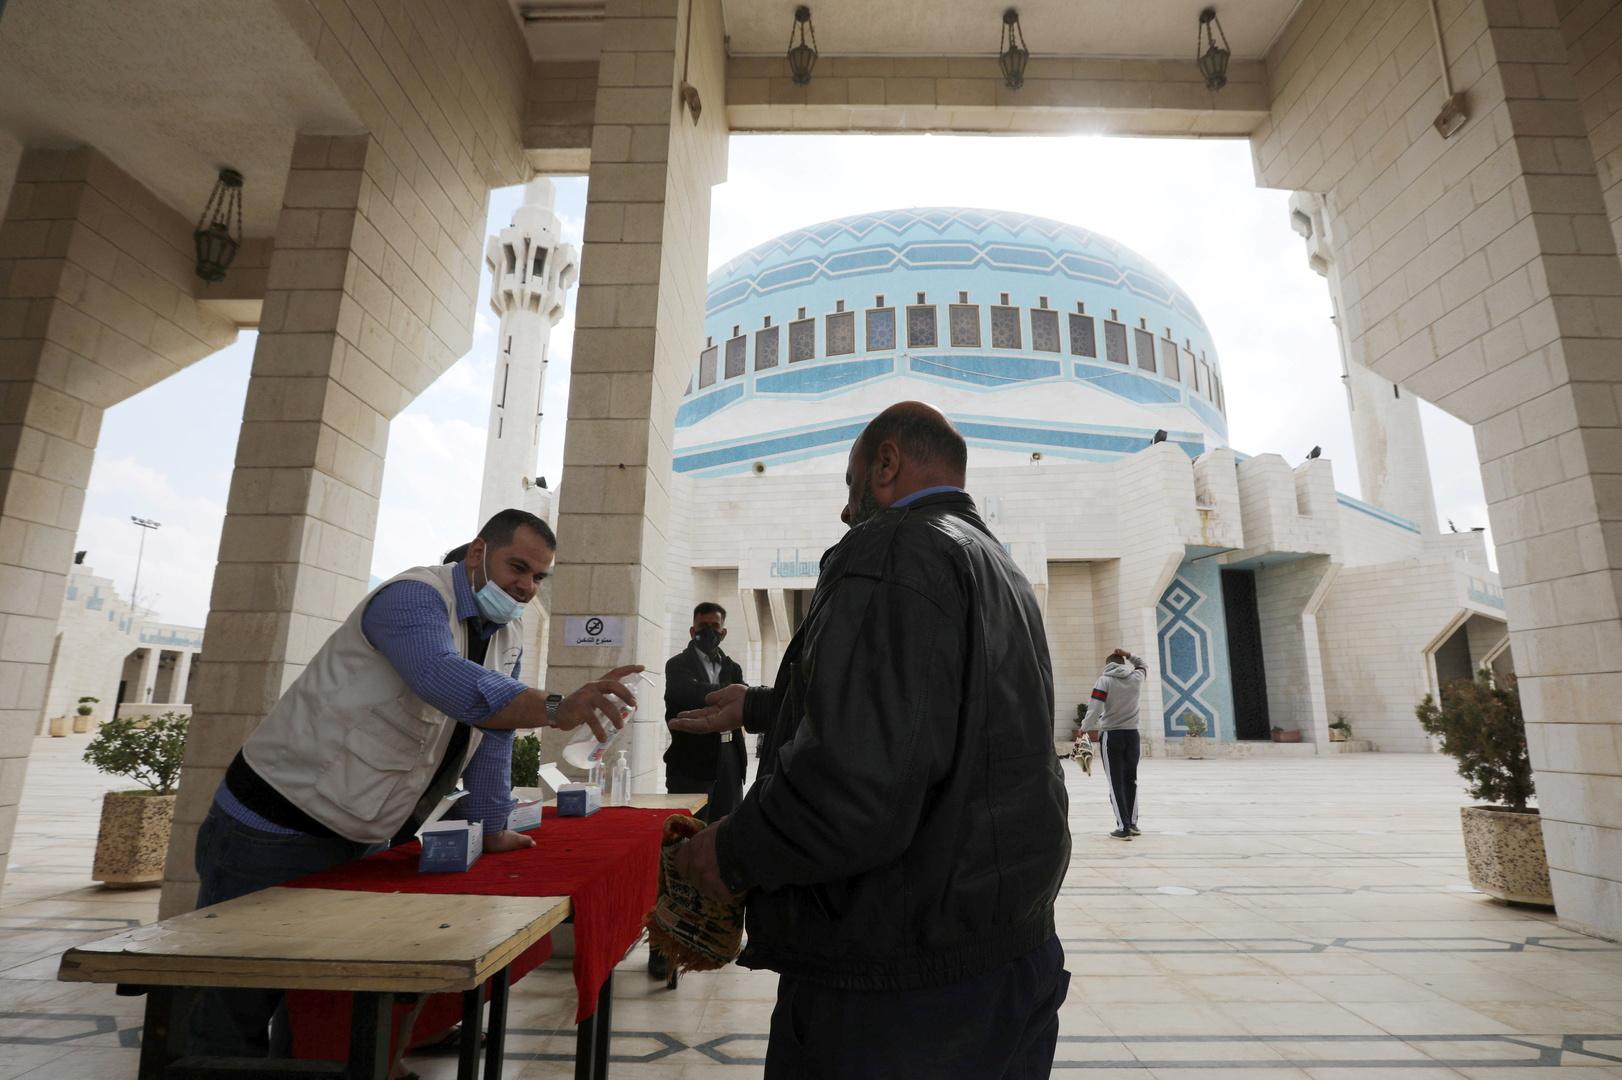 جامع المللك عبد الله في العاصمة الأردنية عمان.